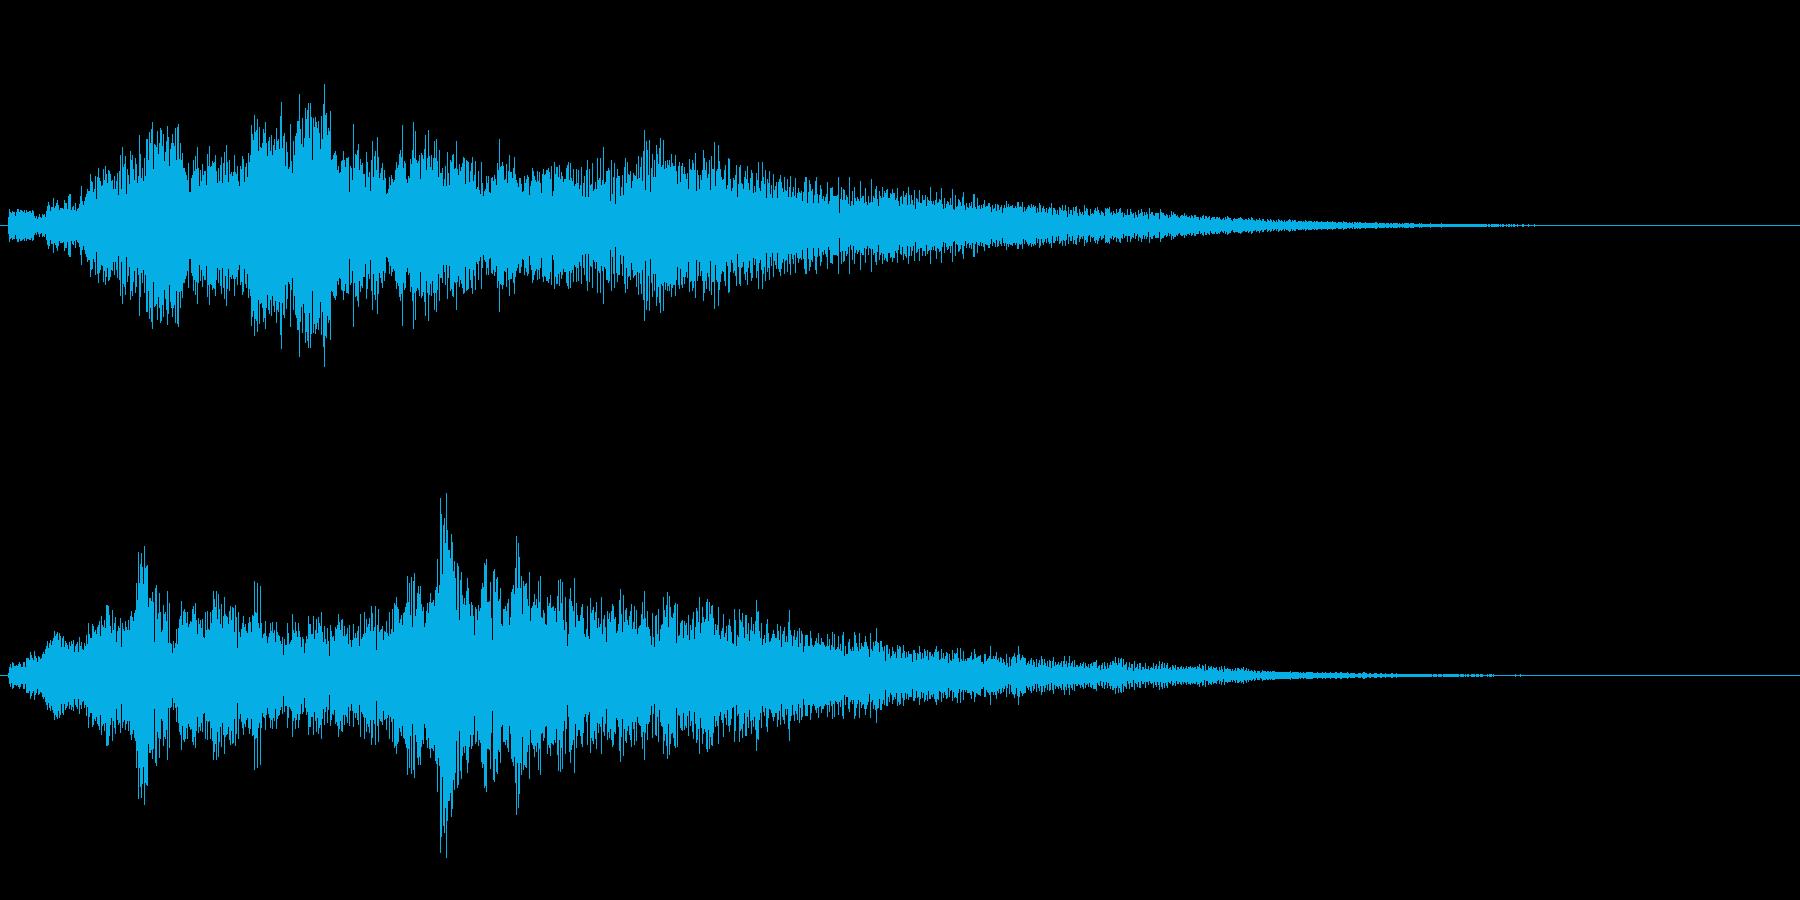 高音質♪サウンドロゴクリック音都会的の再生済みの波形